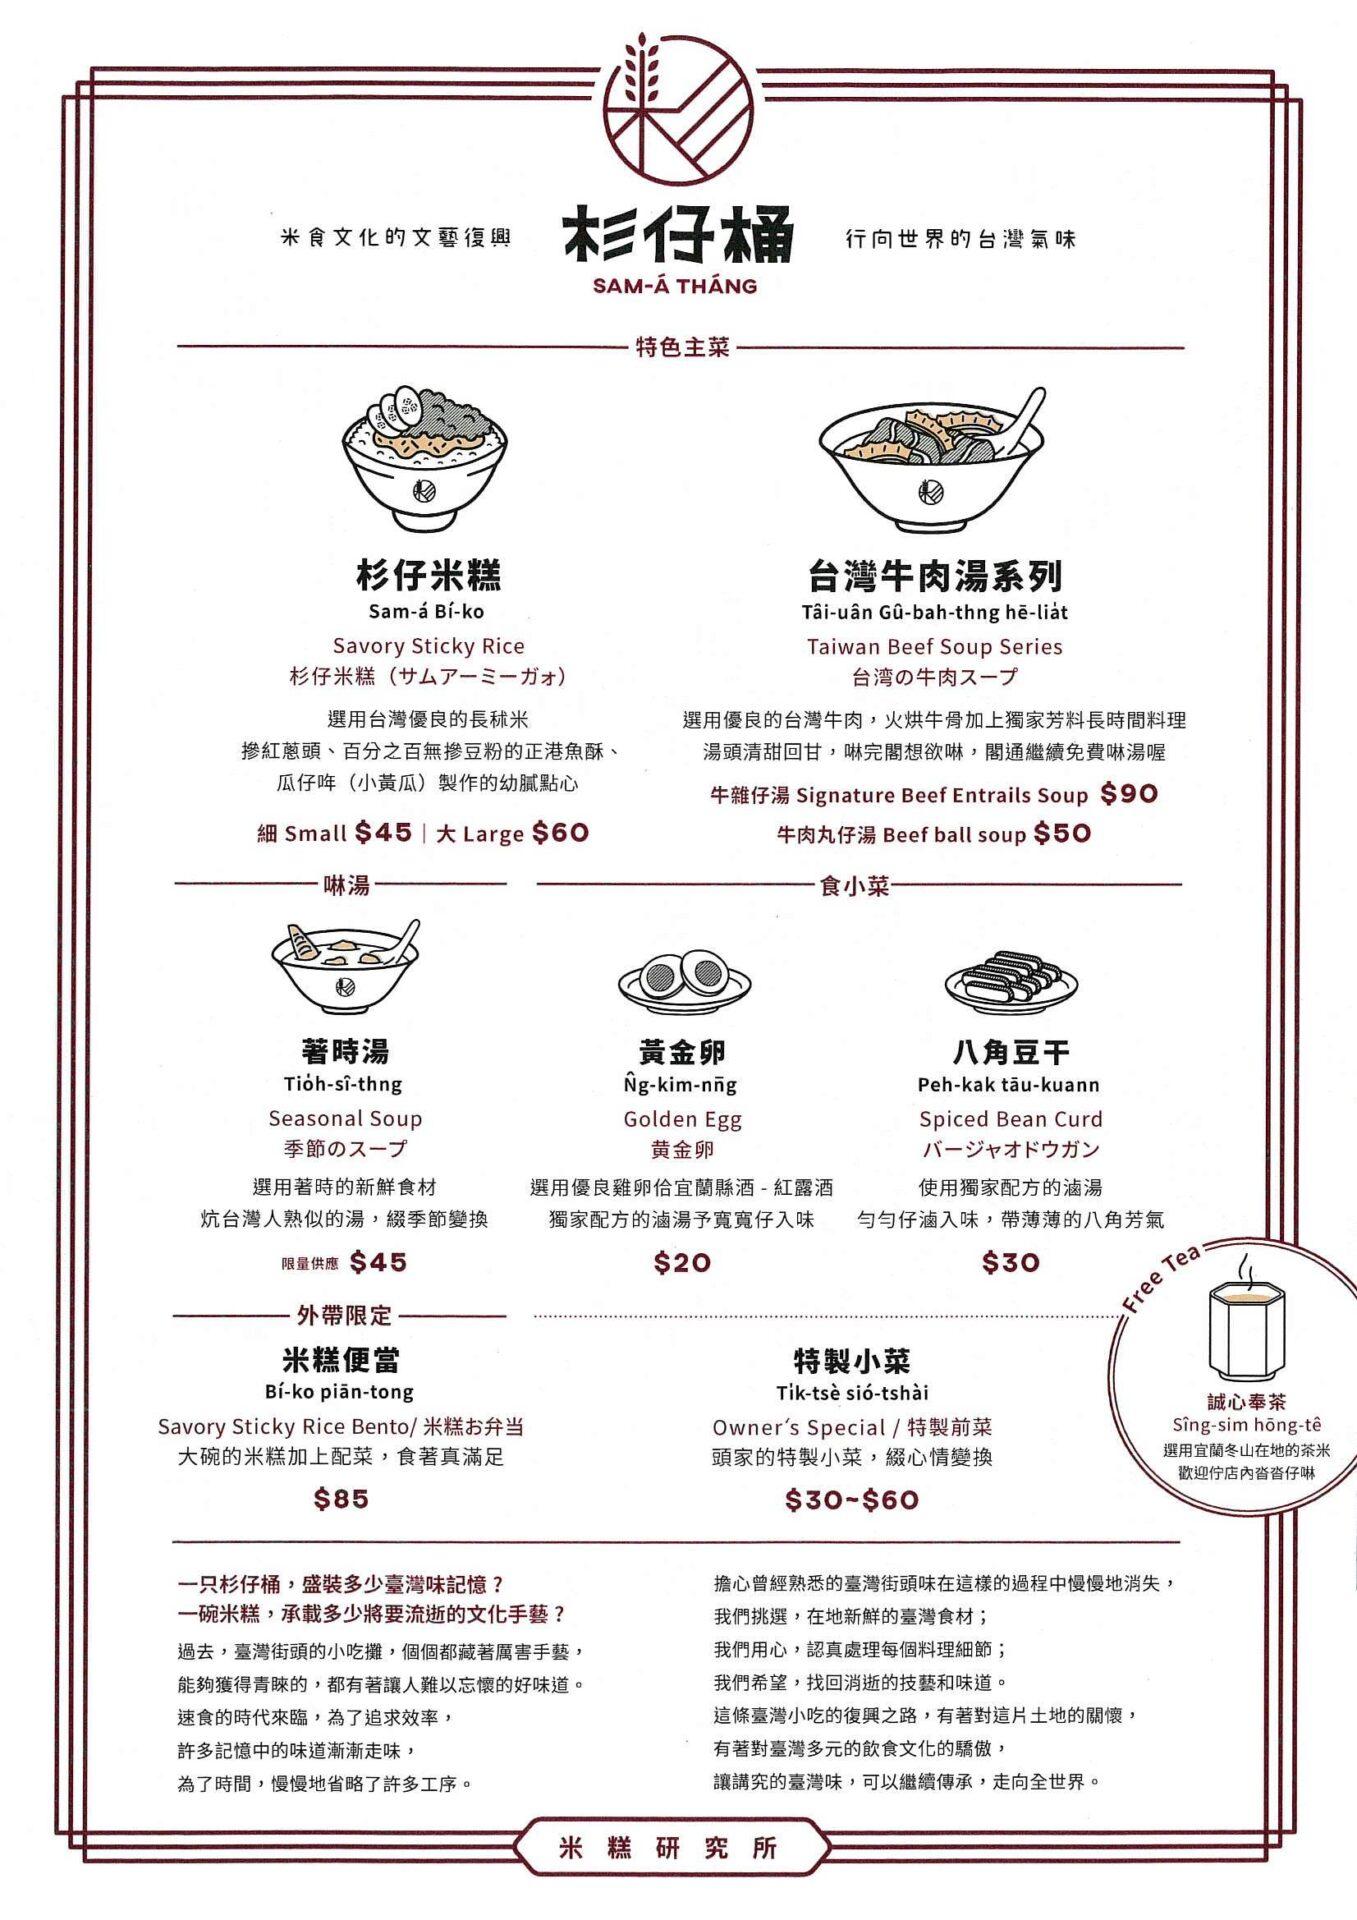 【宜蘭美食小吃】杉仔桶米糕研究所|文青必訪風格米糕店!懷舊復古口味新吃法 - kafkalin.com